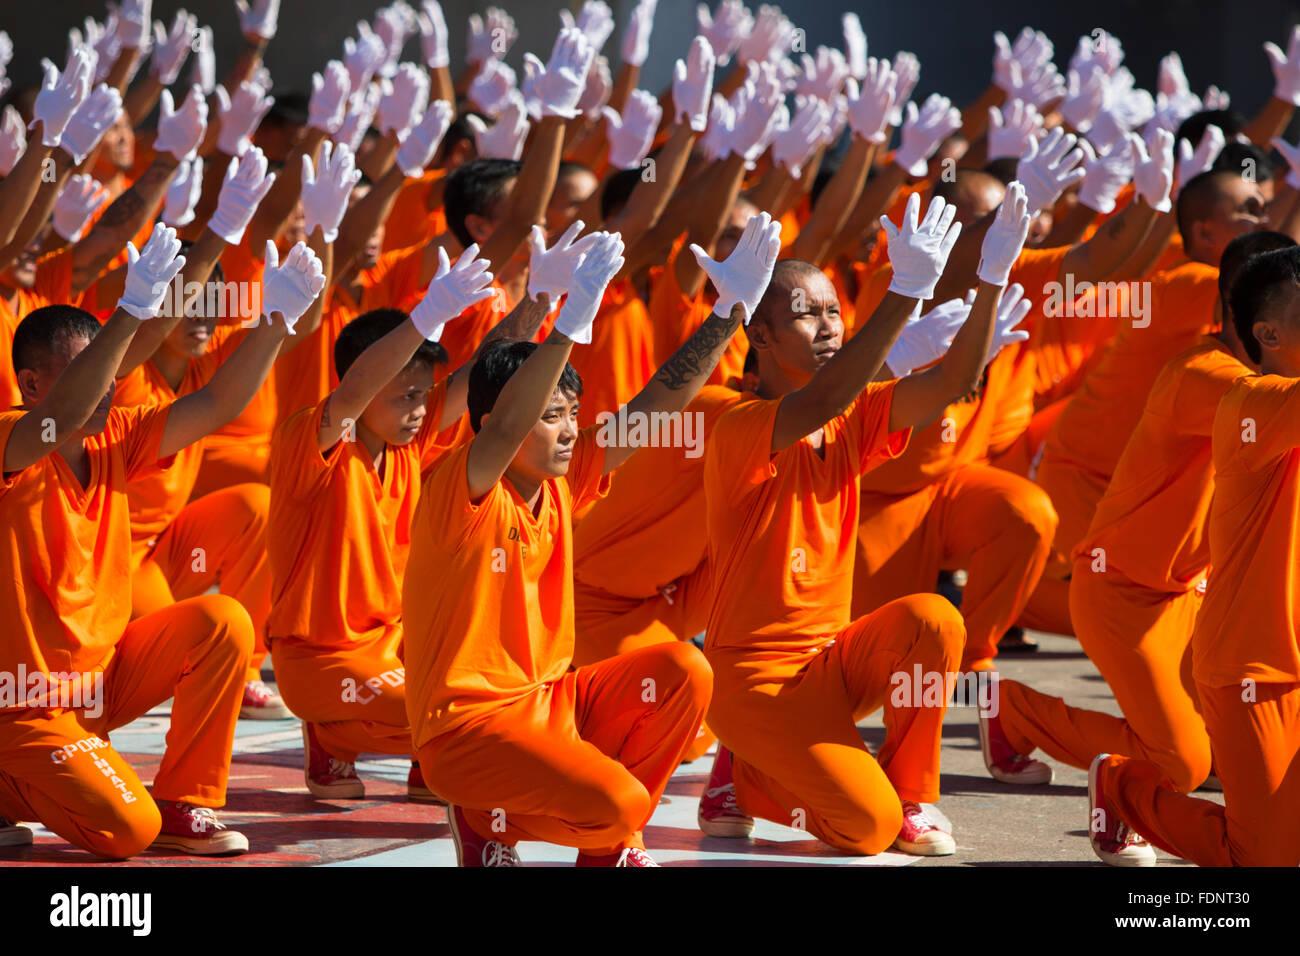 Dancing detenuti del Cebu detenzione Provinciale e il centro di riabilitazione, Cebu, Filippine Immagini Stock